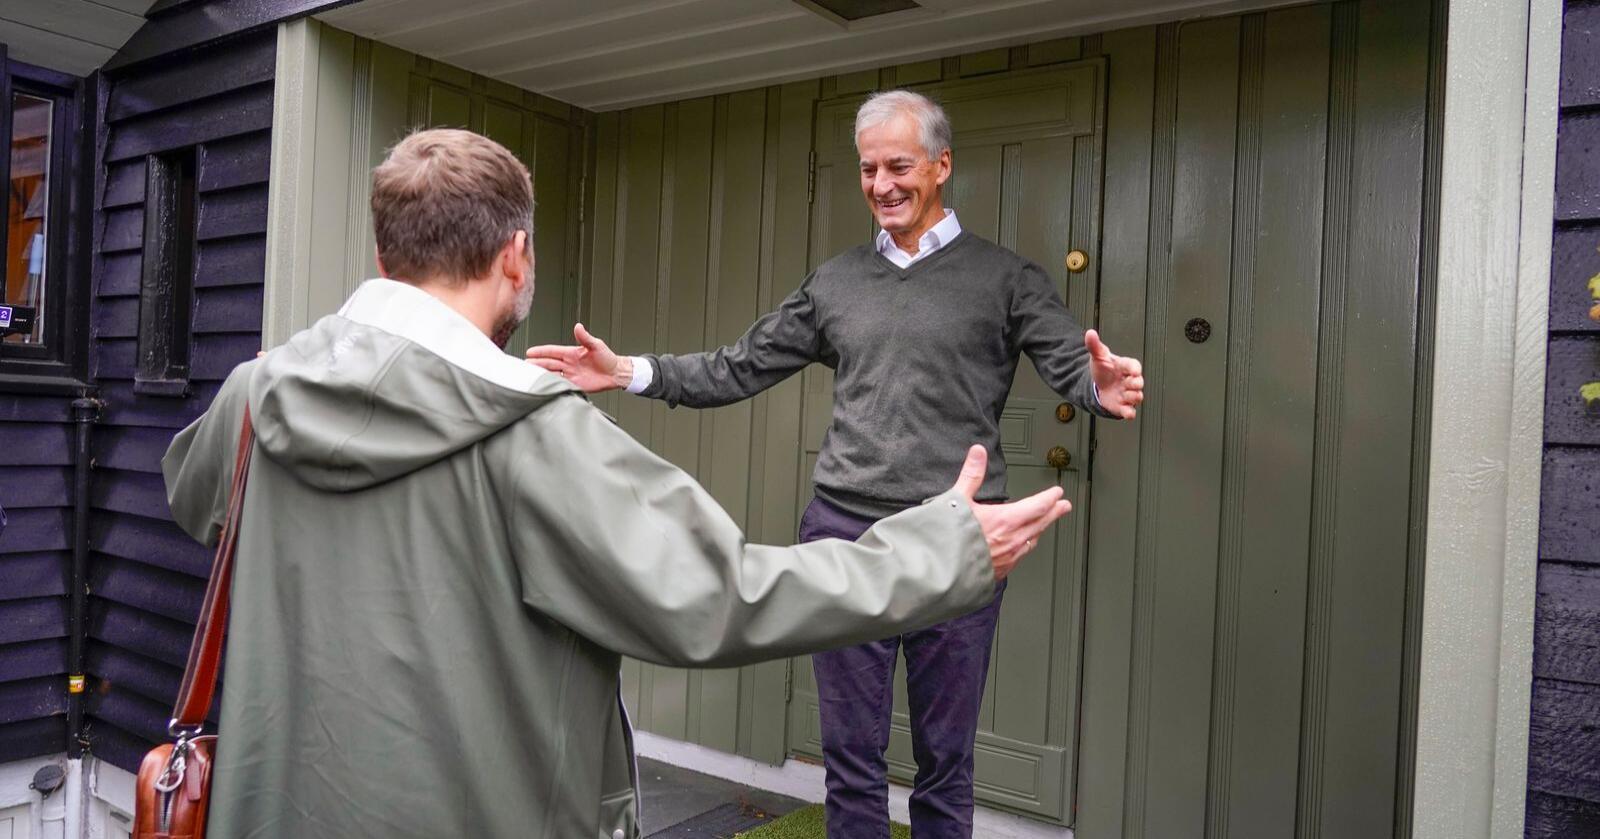 Ap-leder Jonas Gahr Støre og SV-leder Audun Lysbakken møtes hjemme hos Støre. Foto: Heiko Junge / NTB